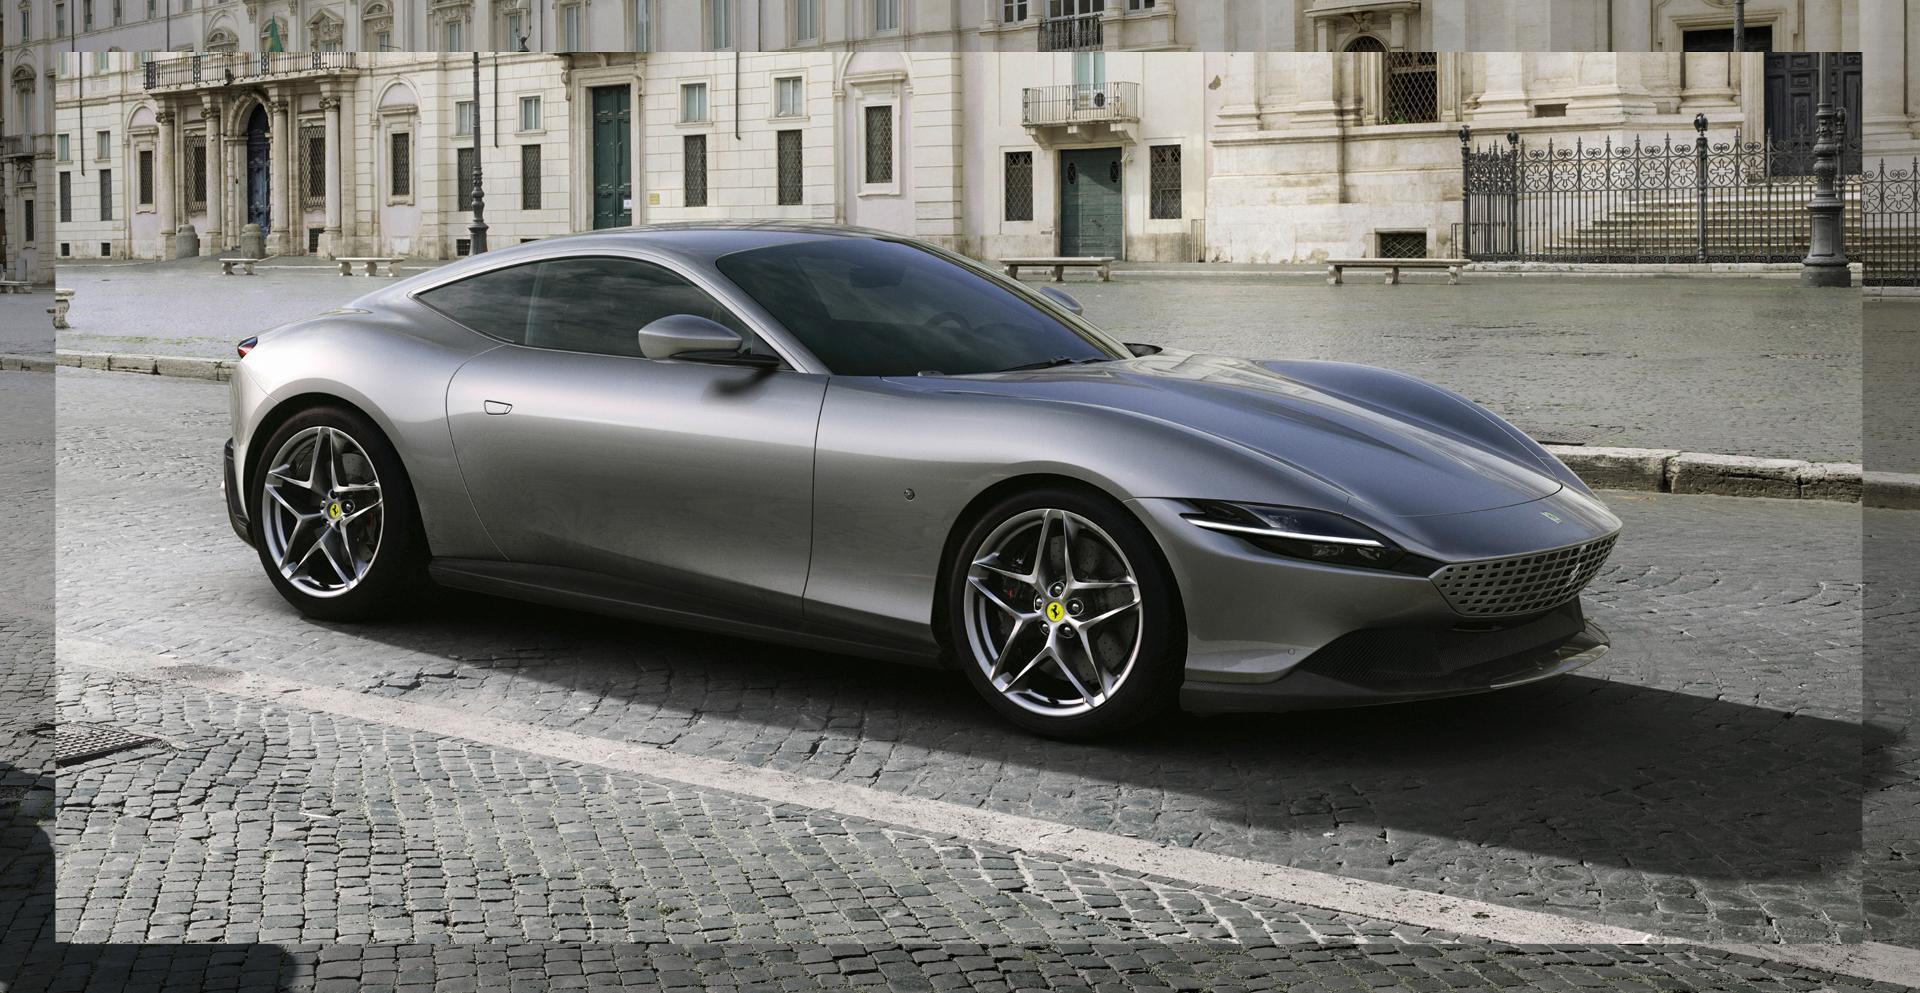 sieu xe hoi geneva 2020 - Ferrari Roma - elle man 1